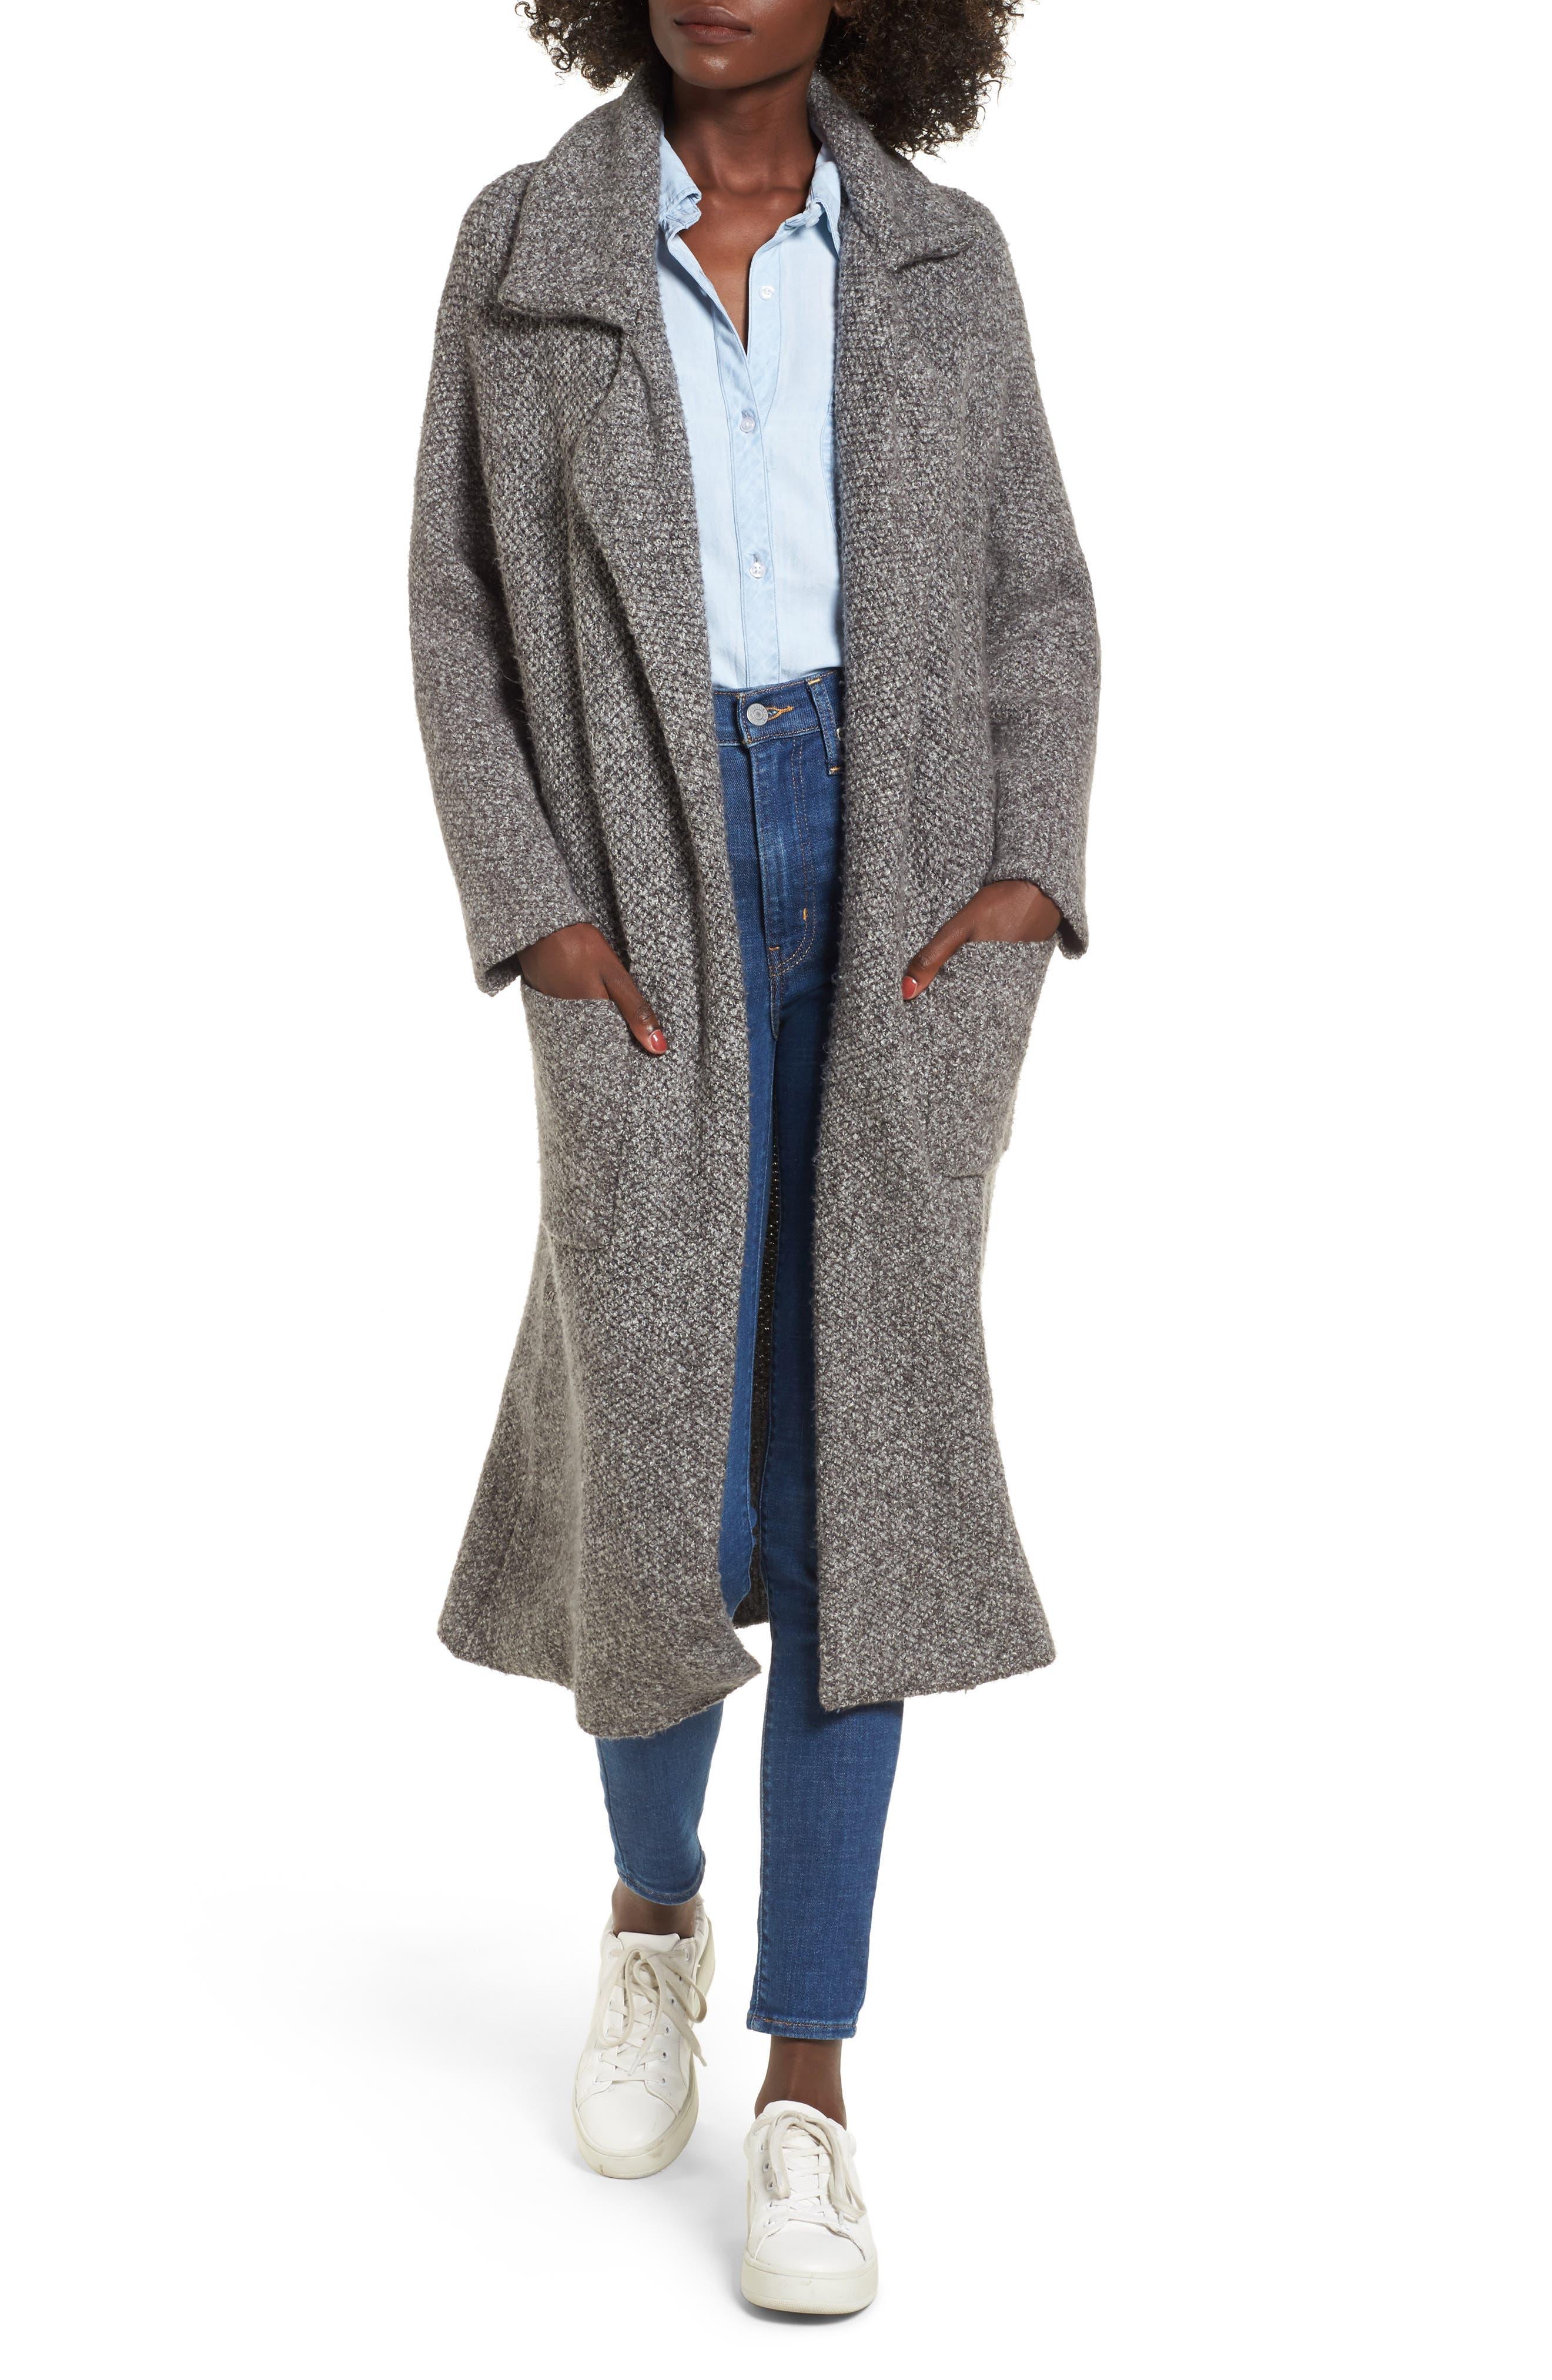 Kala Knit Sweater Jacket,                             Main thumbnail 1, color,                             Grey